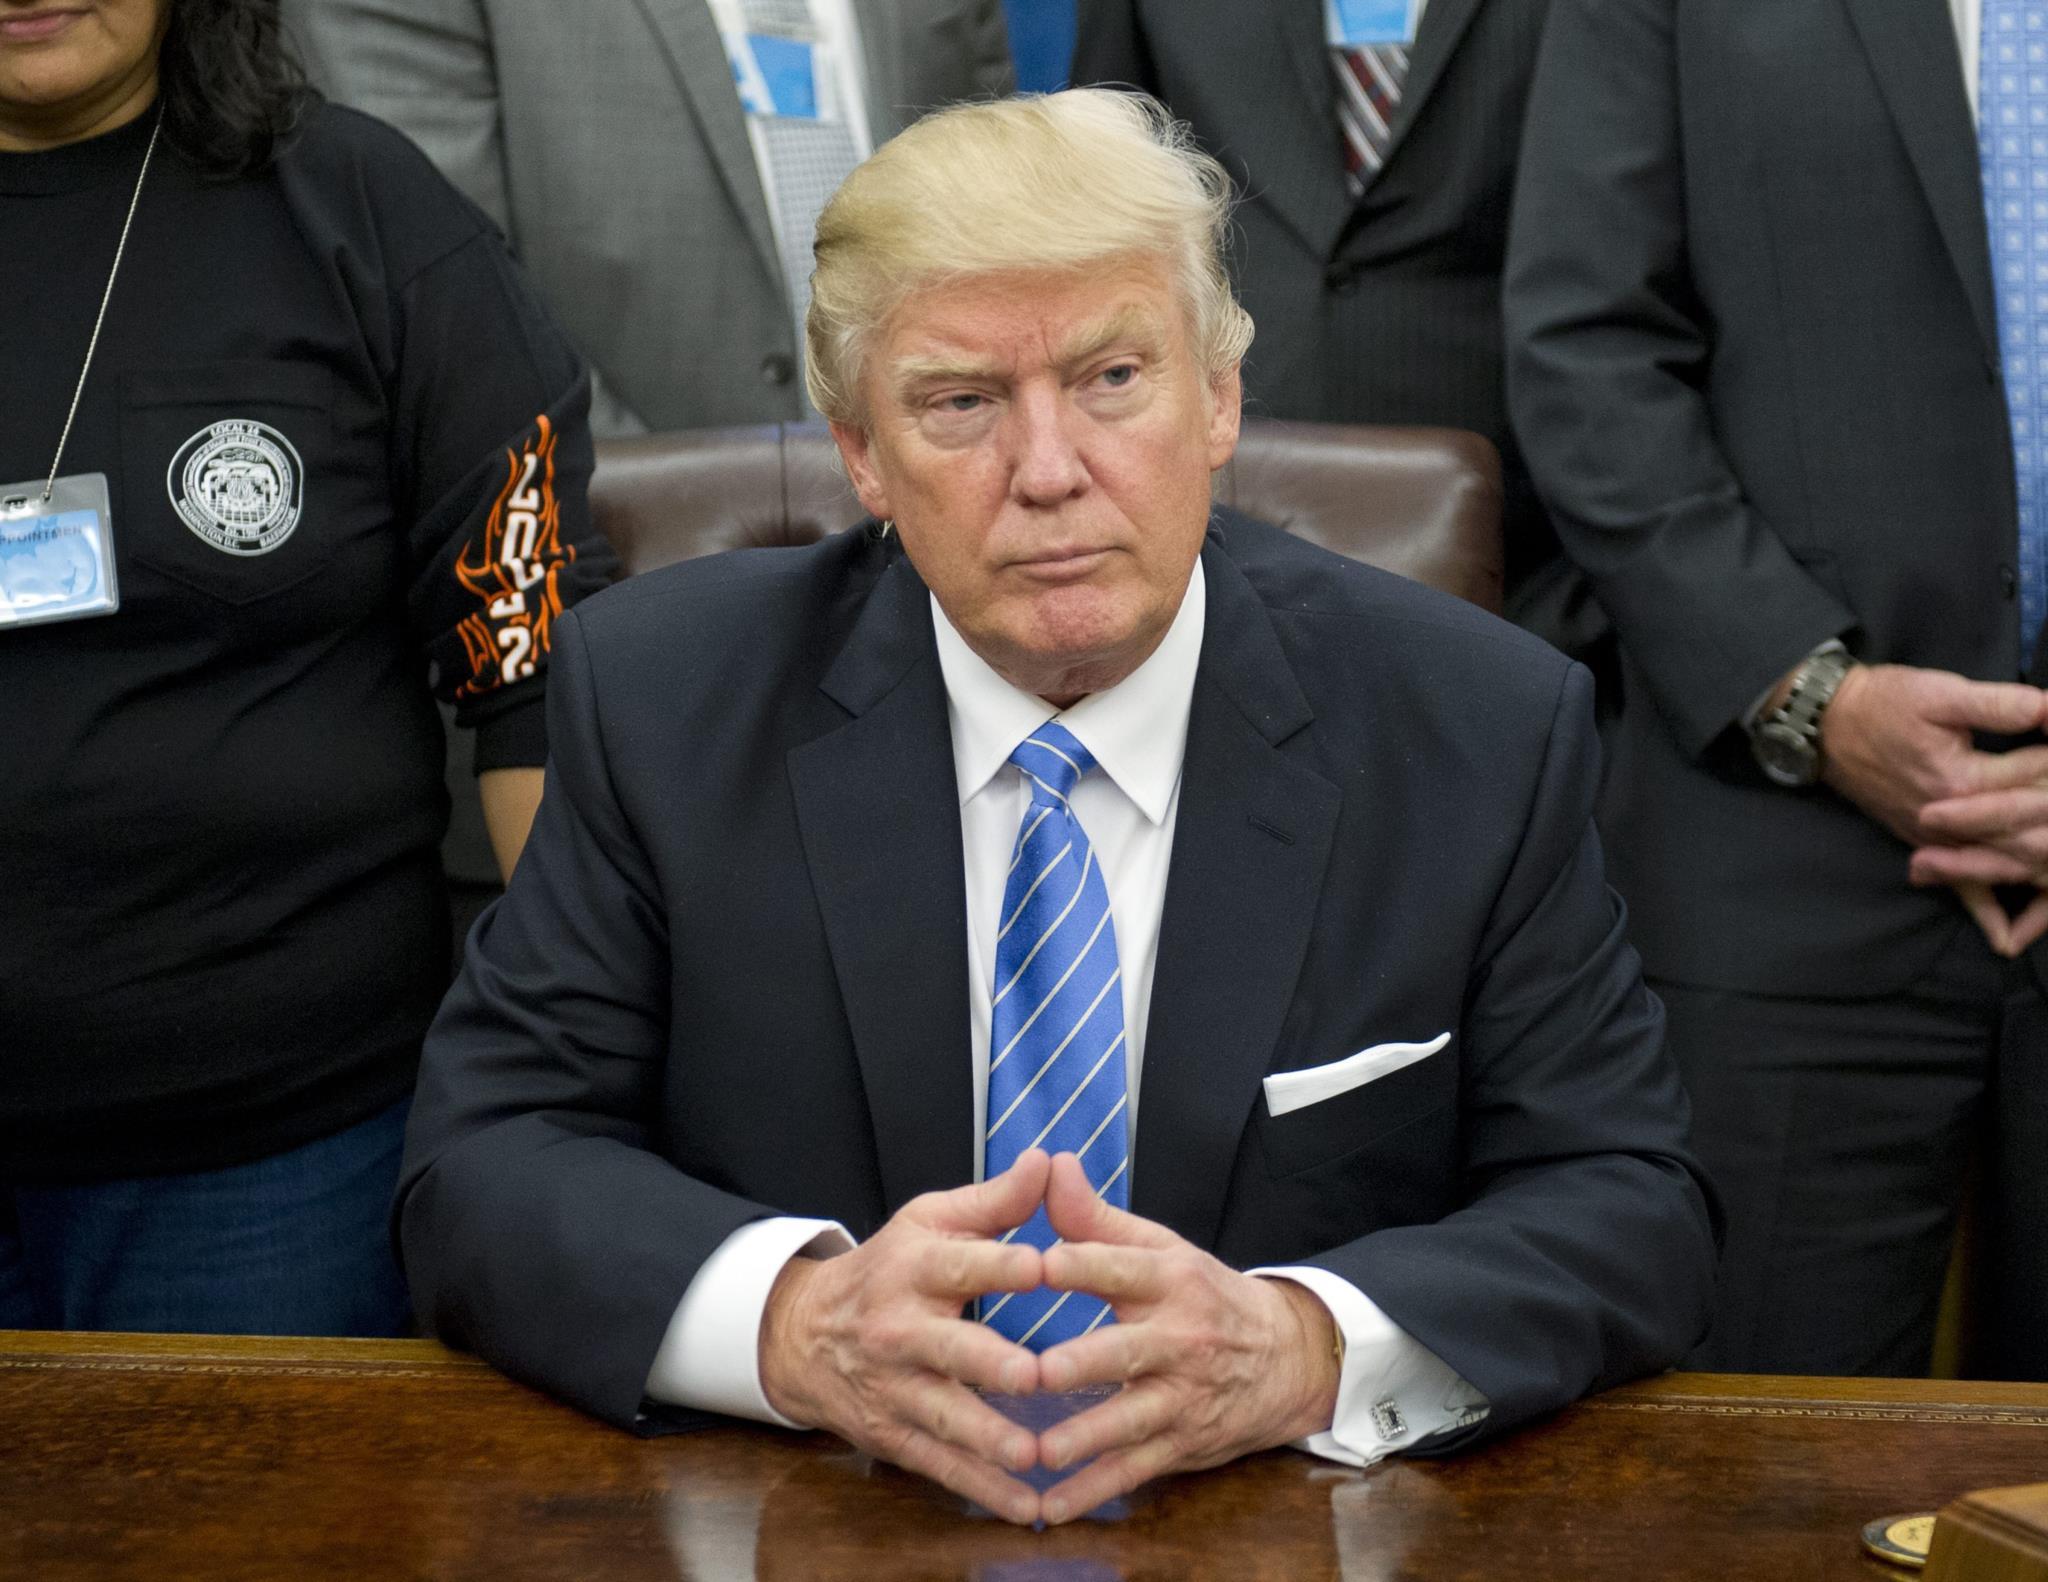 Vários especialistas já desmentiram a hipótese de fraude, mas o Presidente norte-americano não desiste